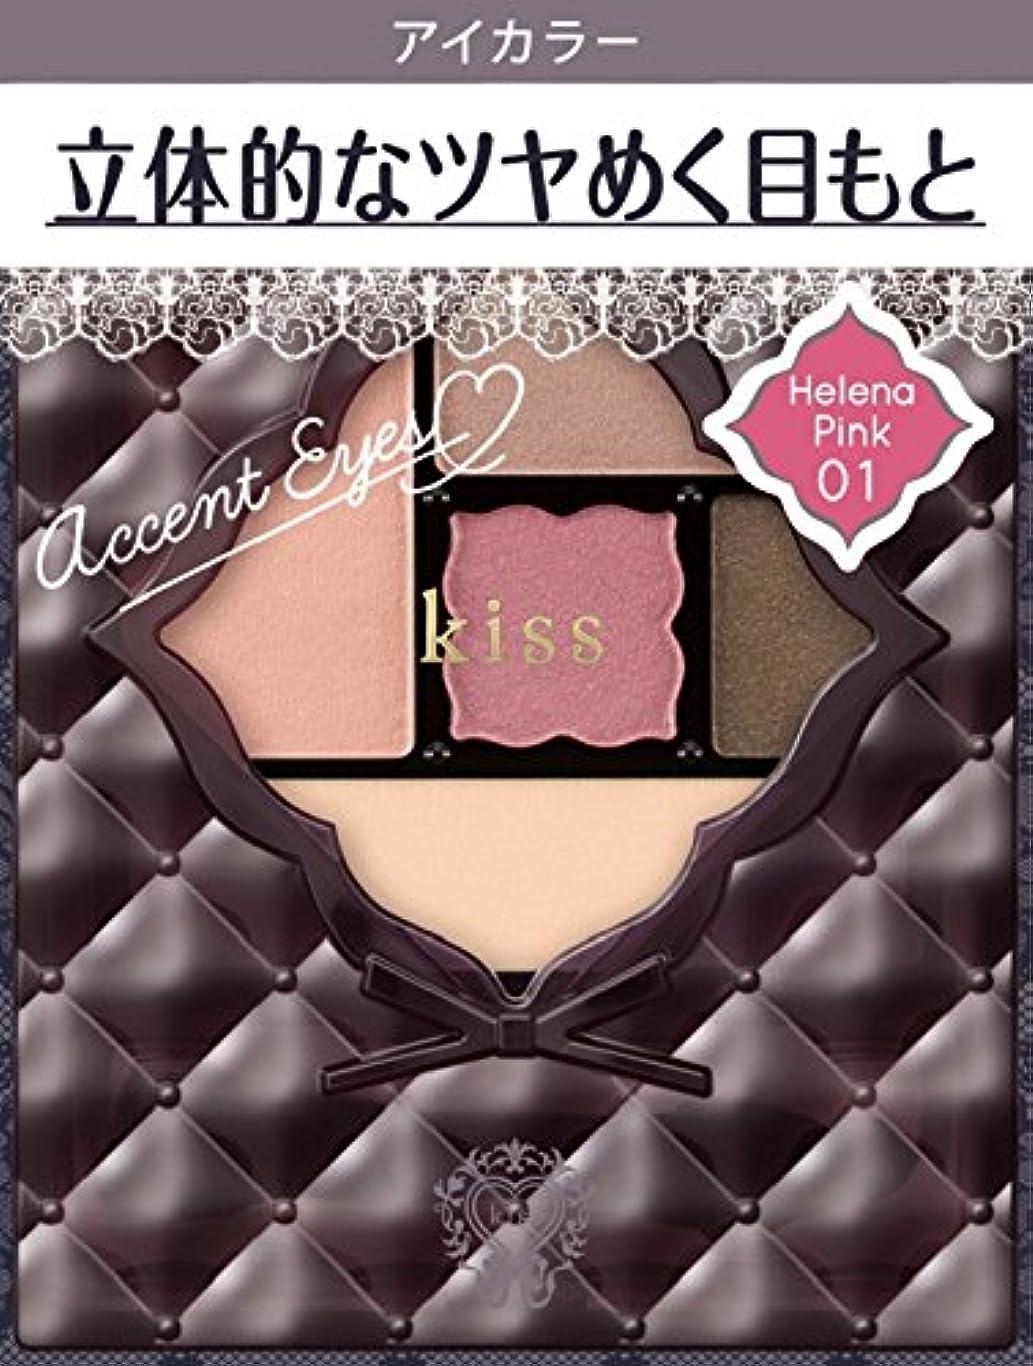 成功した区別する怠なキス アクセントアイズ01 ヘレネーピンク 3.5g